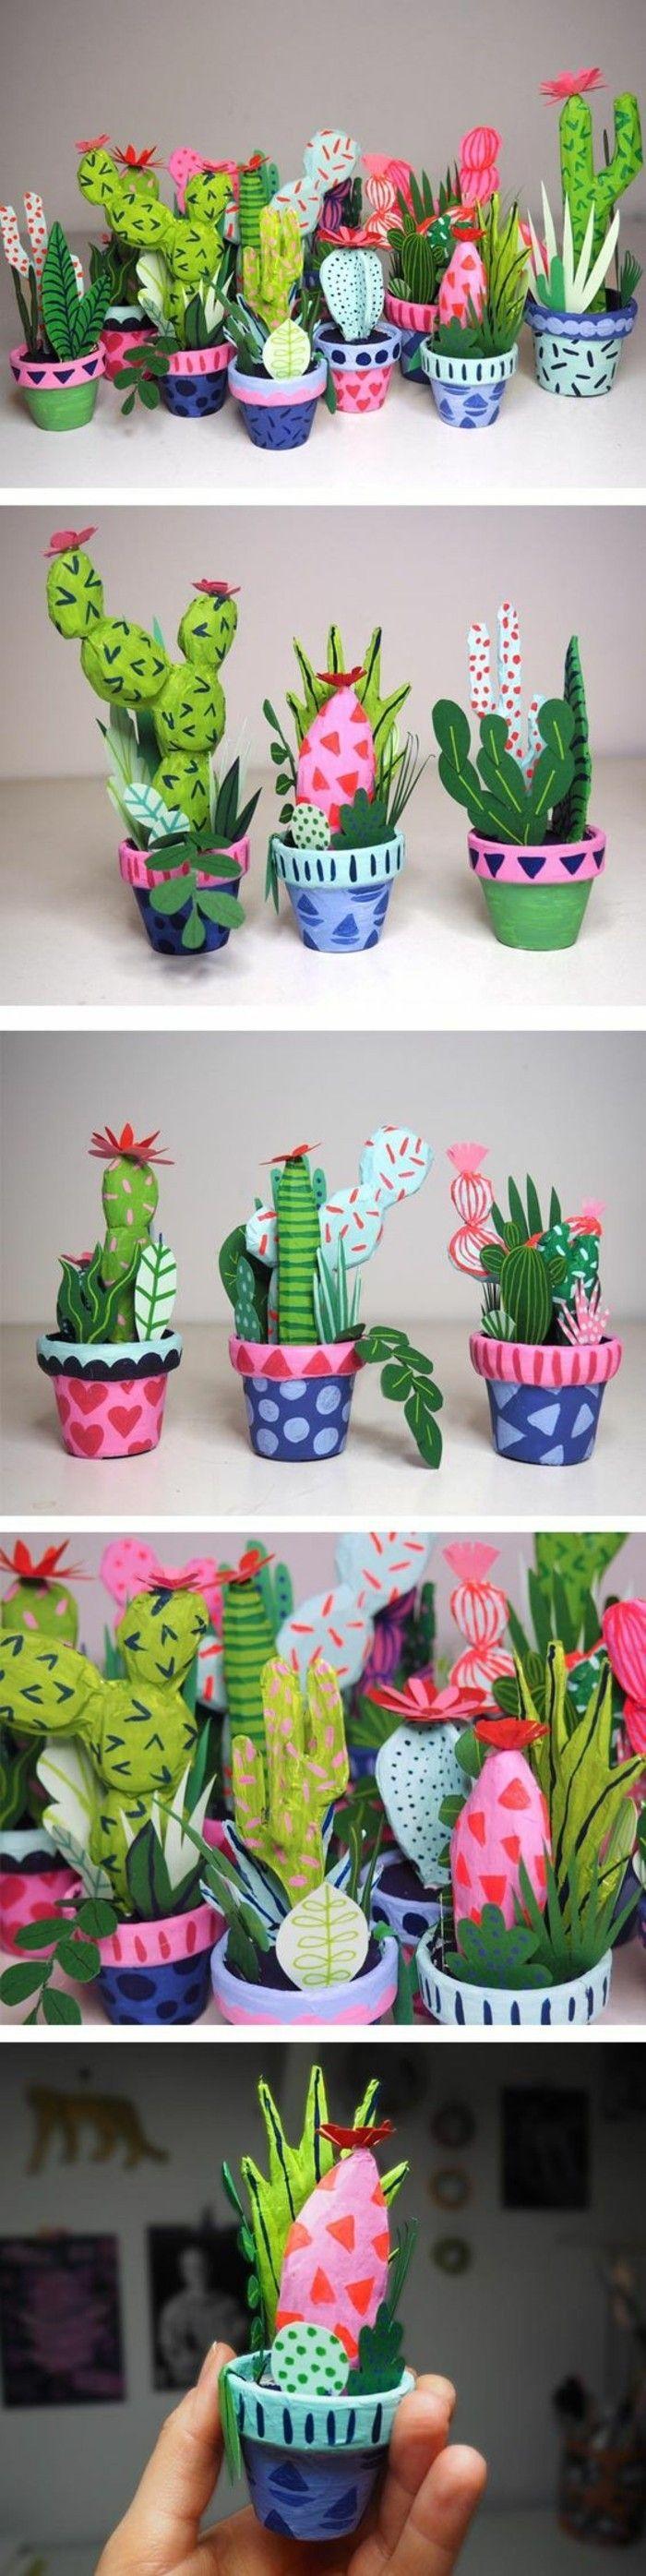 1001 id es comment faire du papier m ch recette et exemples d co kids paper cactus. Black Bedroom Furniture Sets. Home Design Ideas